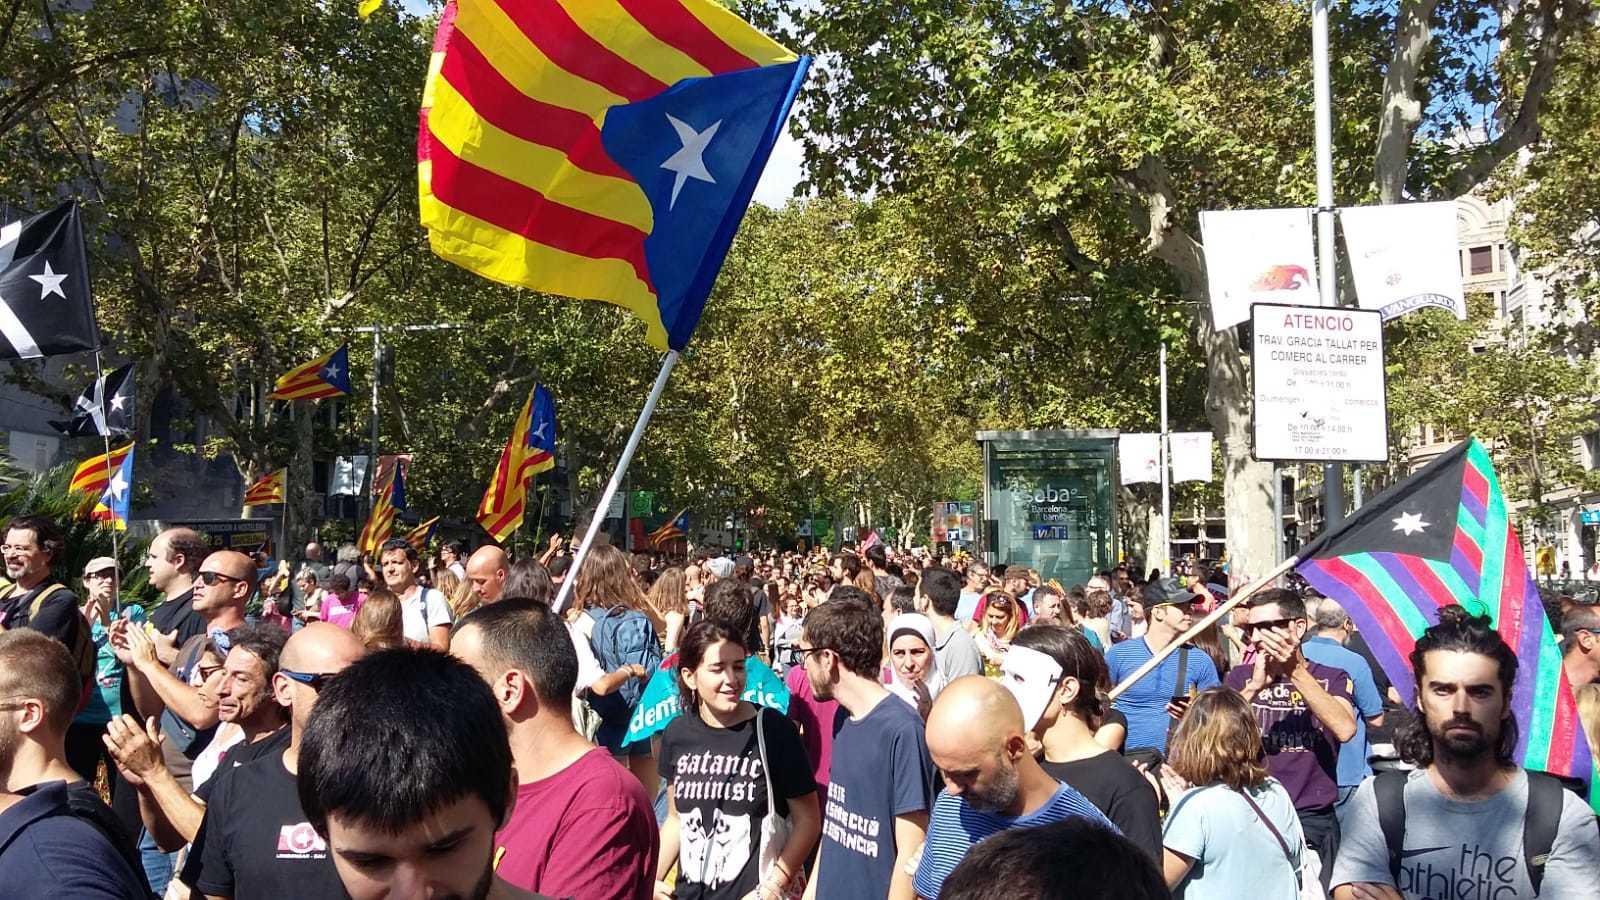 CiU   Manifestación contra Ciudadanos: Traidors a Catalunya! 15383905664933